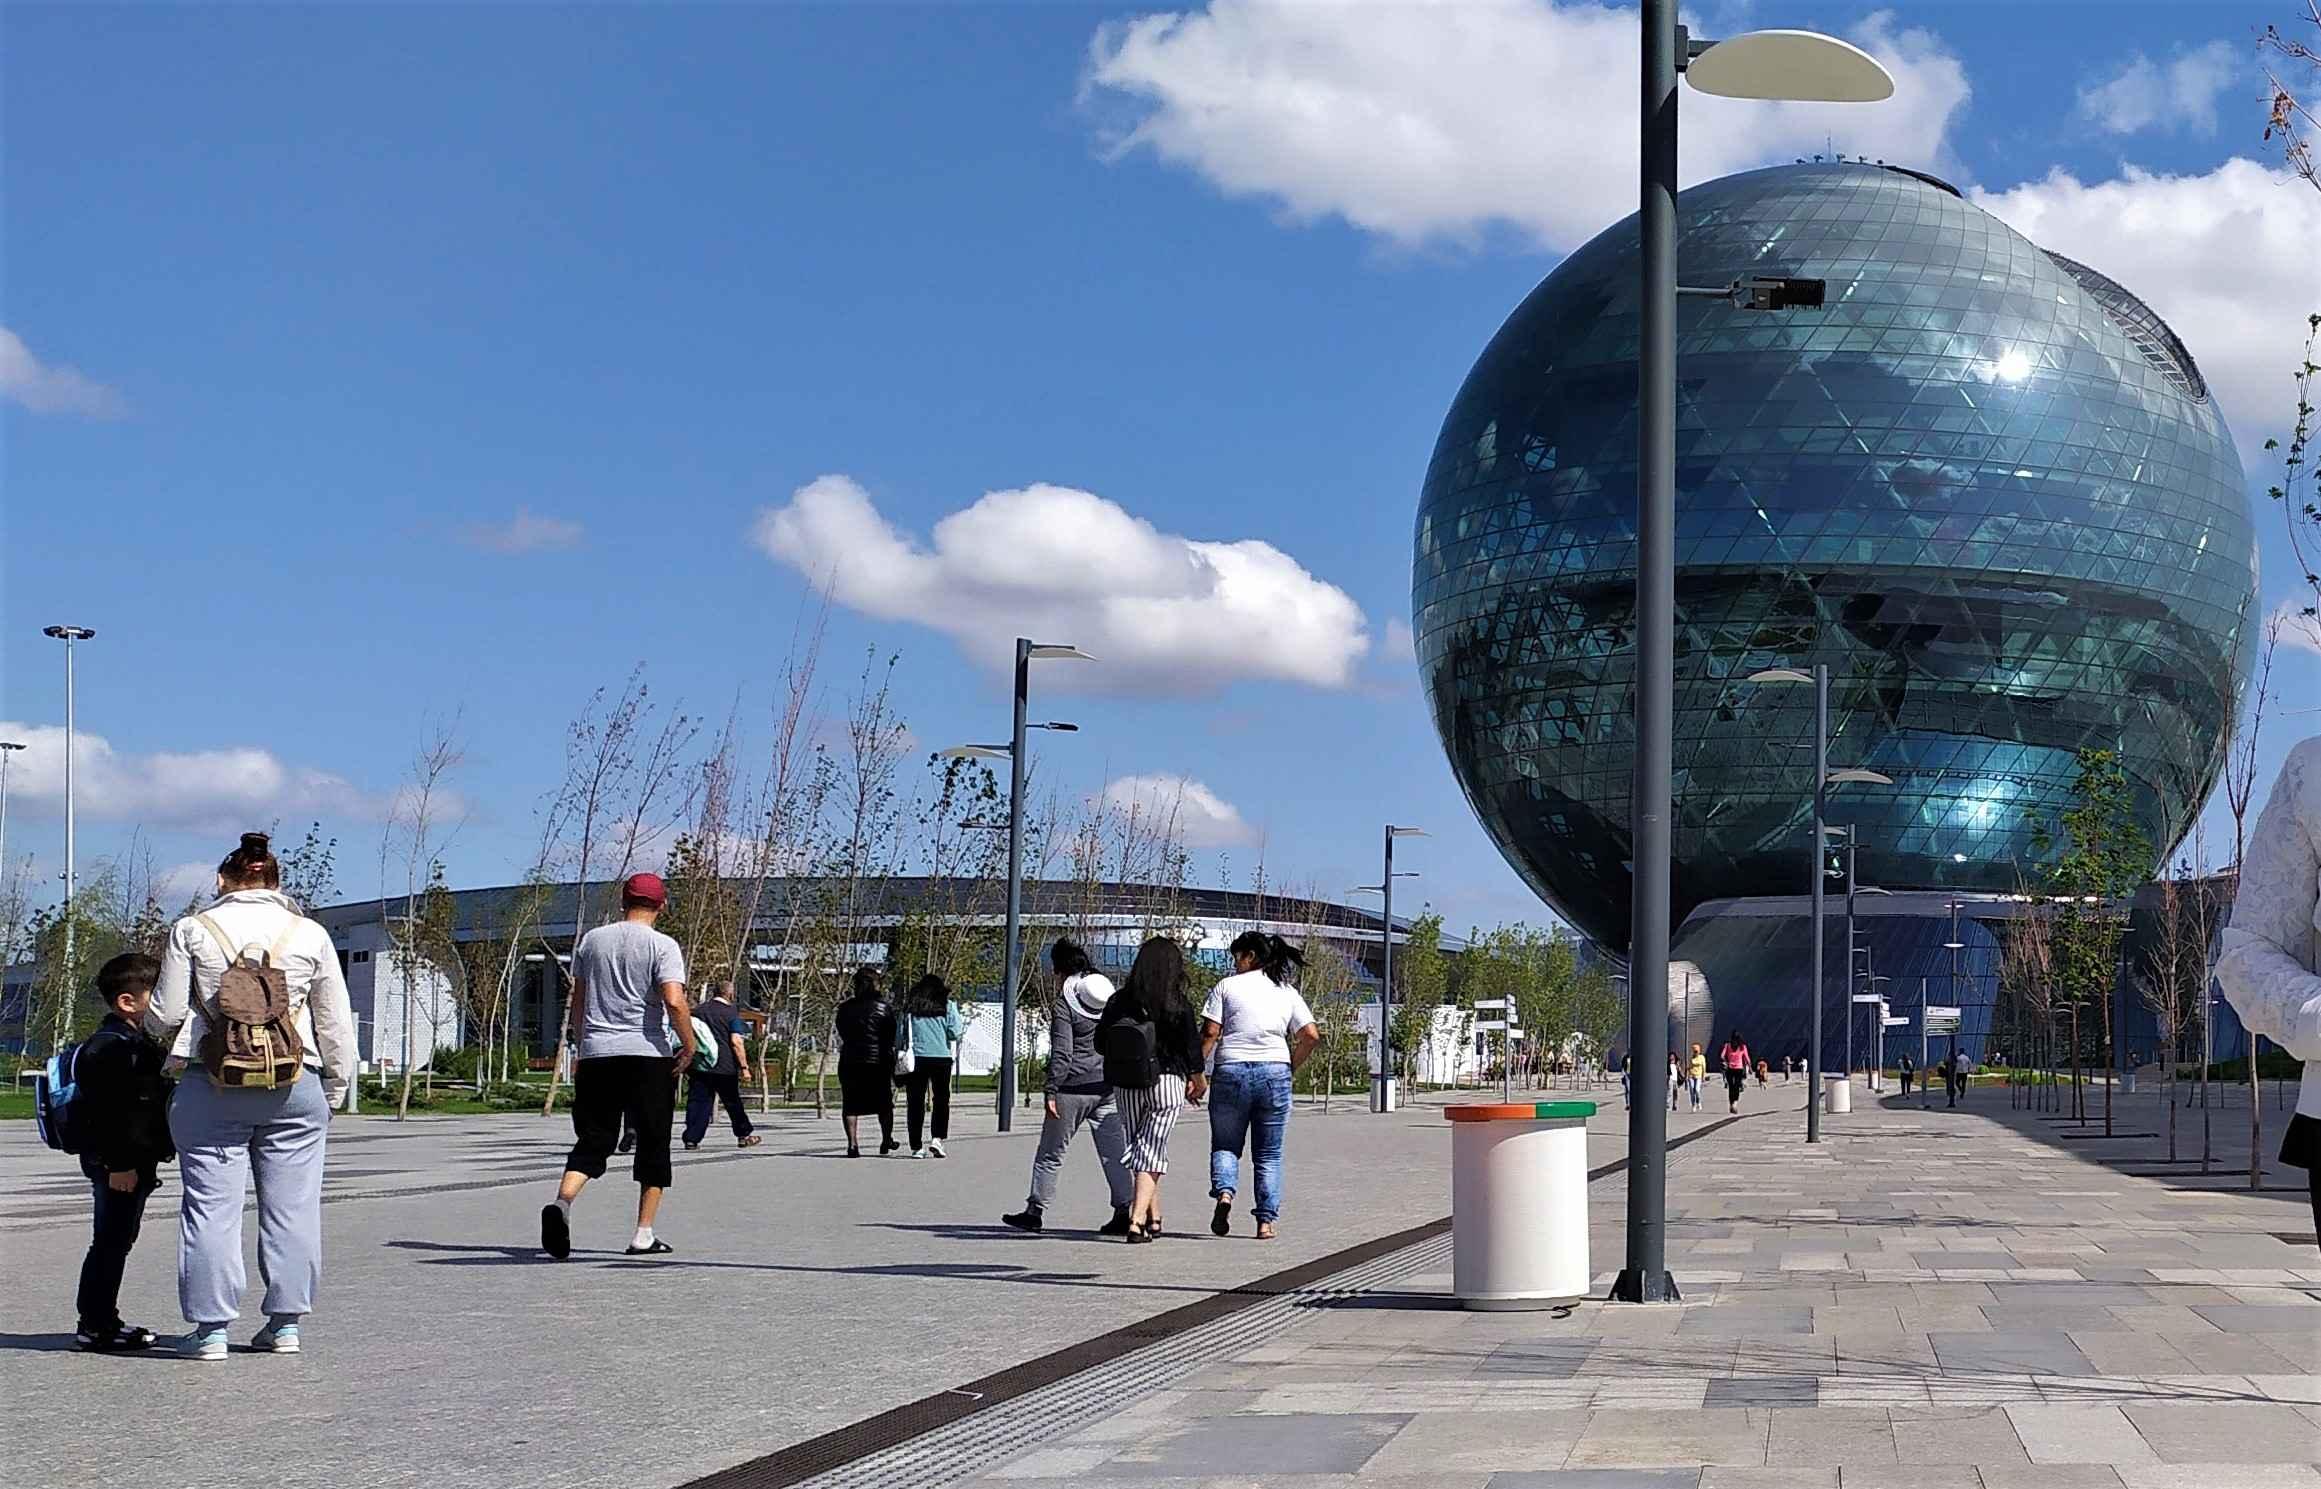 Для Всемирной выставки ЭКСПО-2017 было израсходовано свыше 1 млрд 300 млн долларов. Ключевой павильон «Нур Алем» олицетворяет планету Земля.